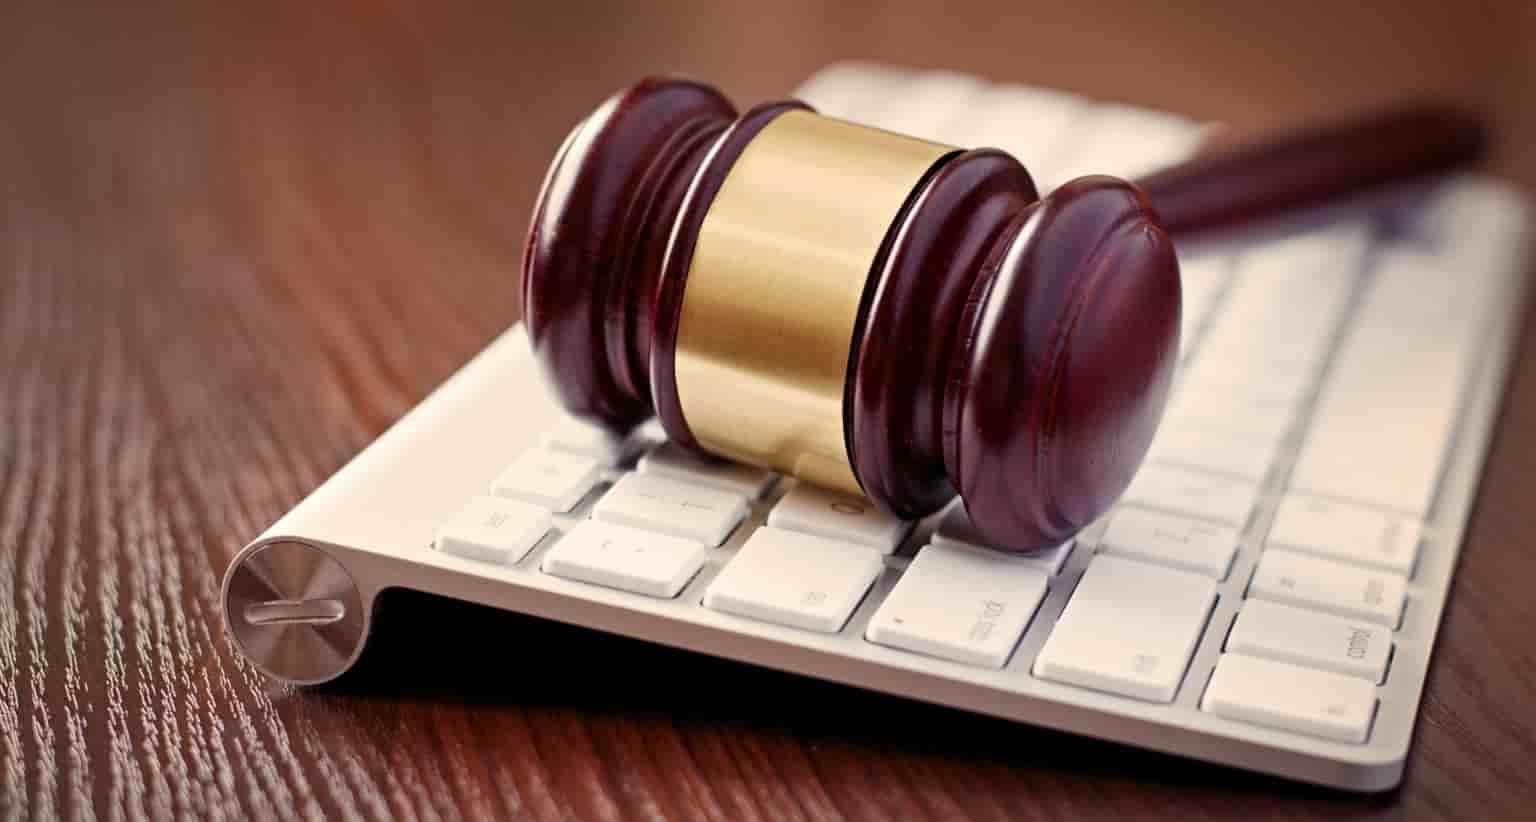 Депутаты приняли закон об уголовной ответственности за клевету в интернете